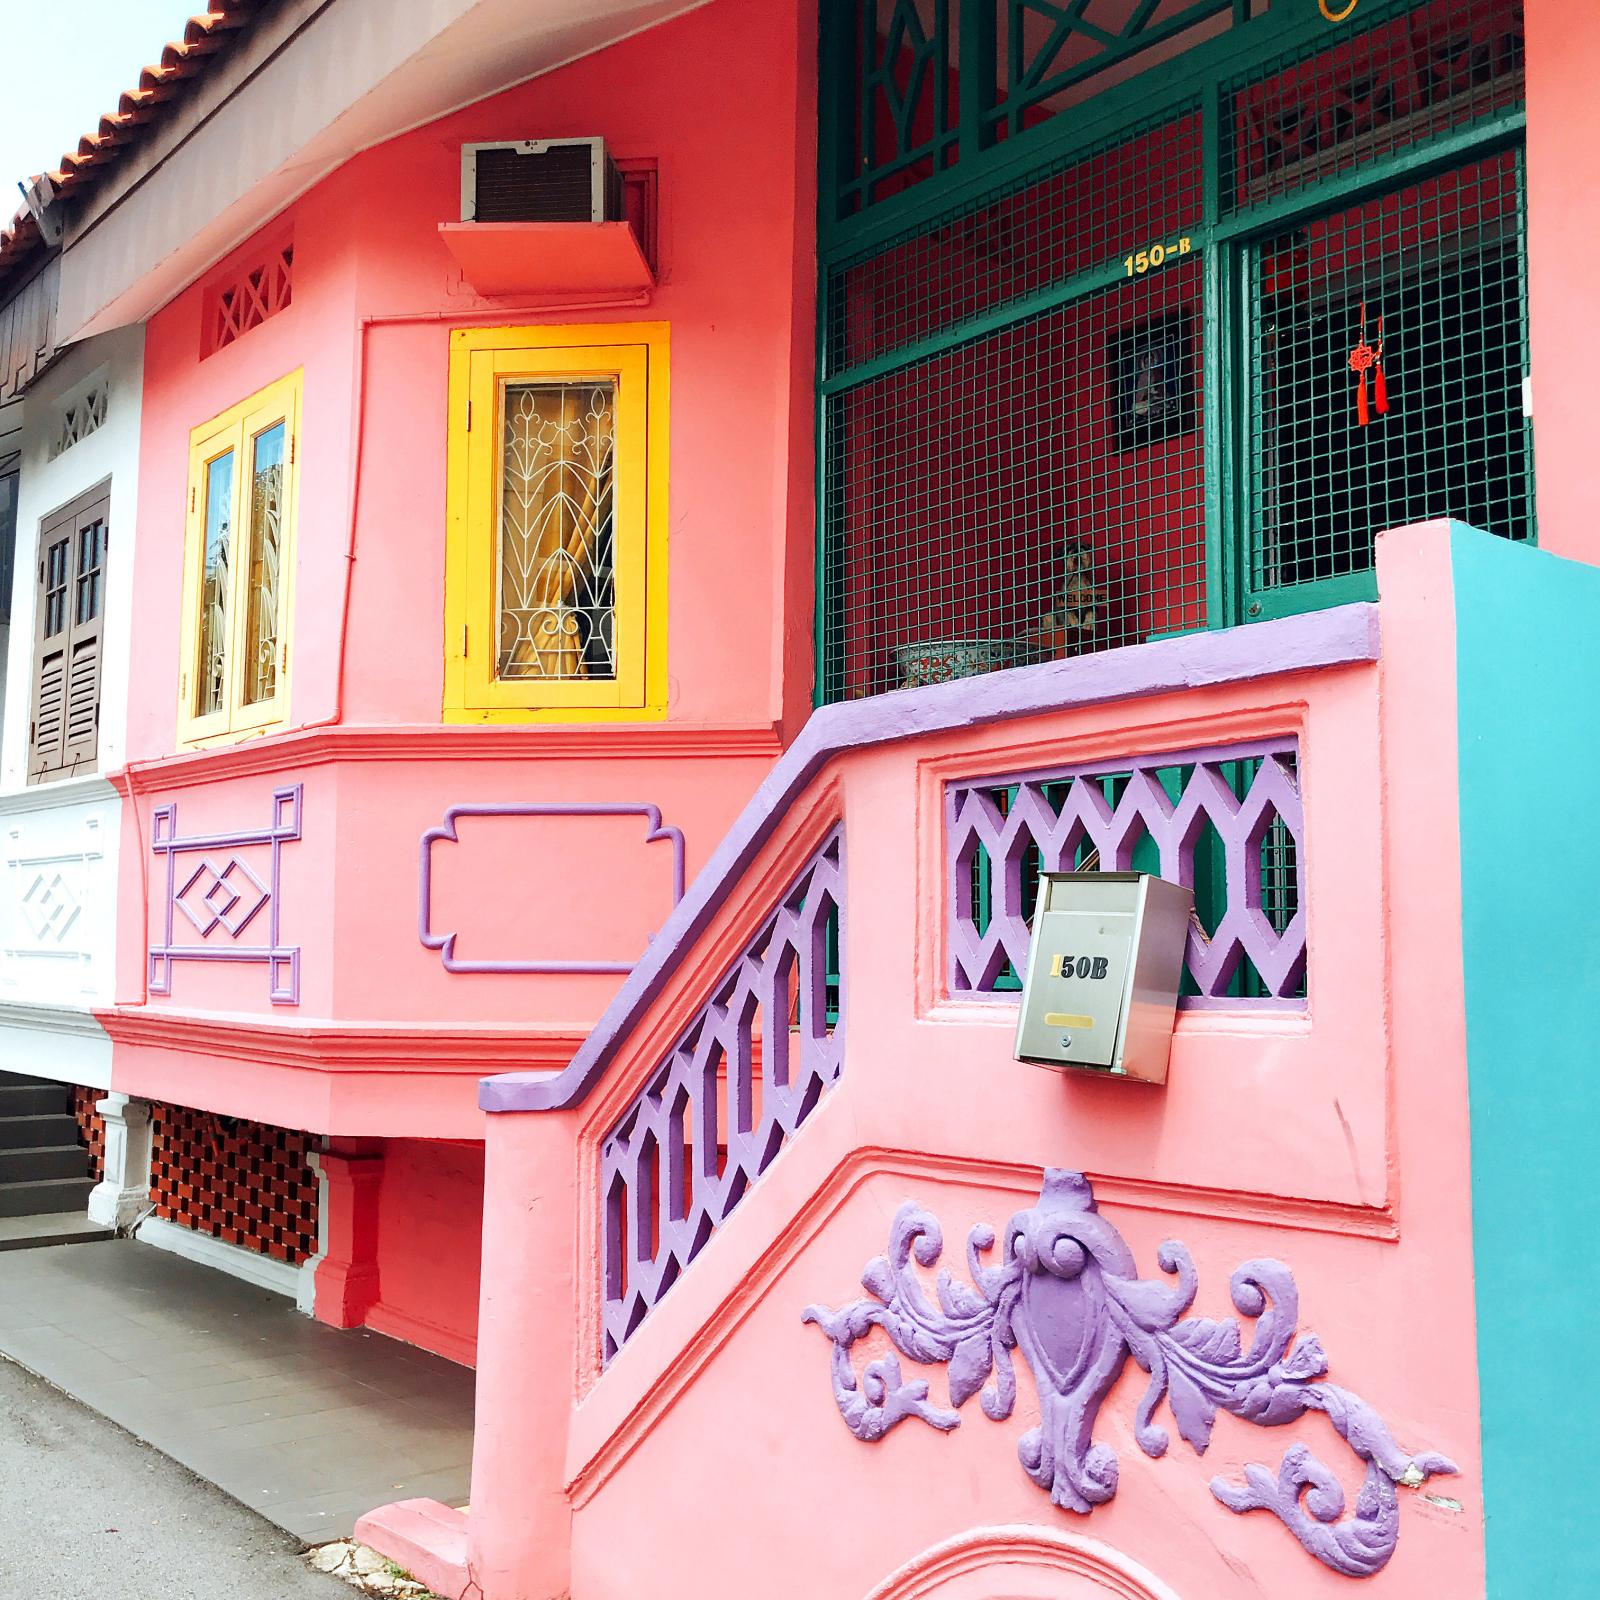 有名なクーンセンロードから外れた小道でも立派なプラナカン建築の家を発見!